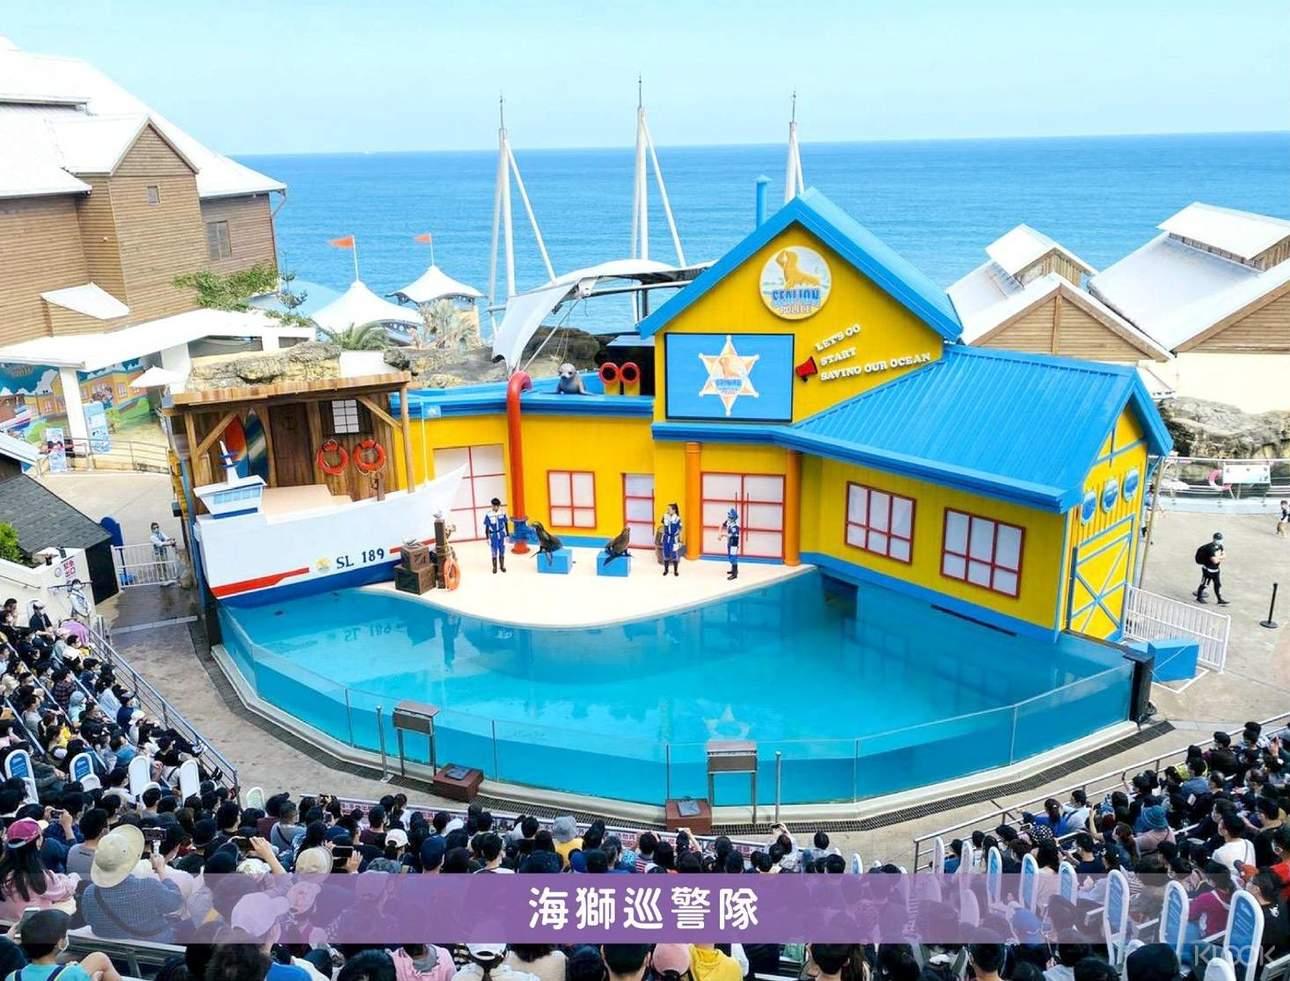 海獅精彩逗趣的表演,讓我們一同共襄盛舉!